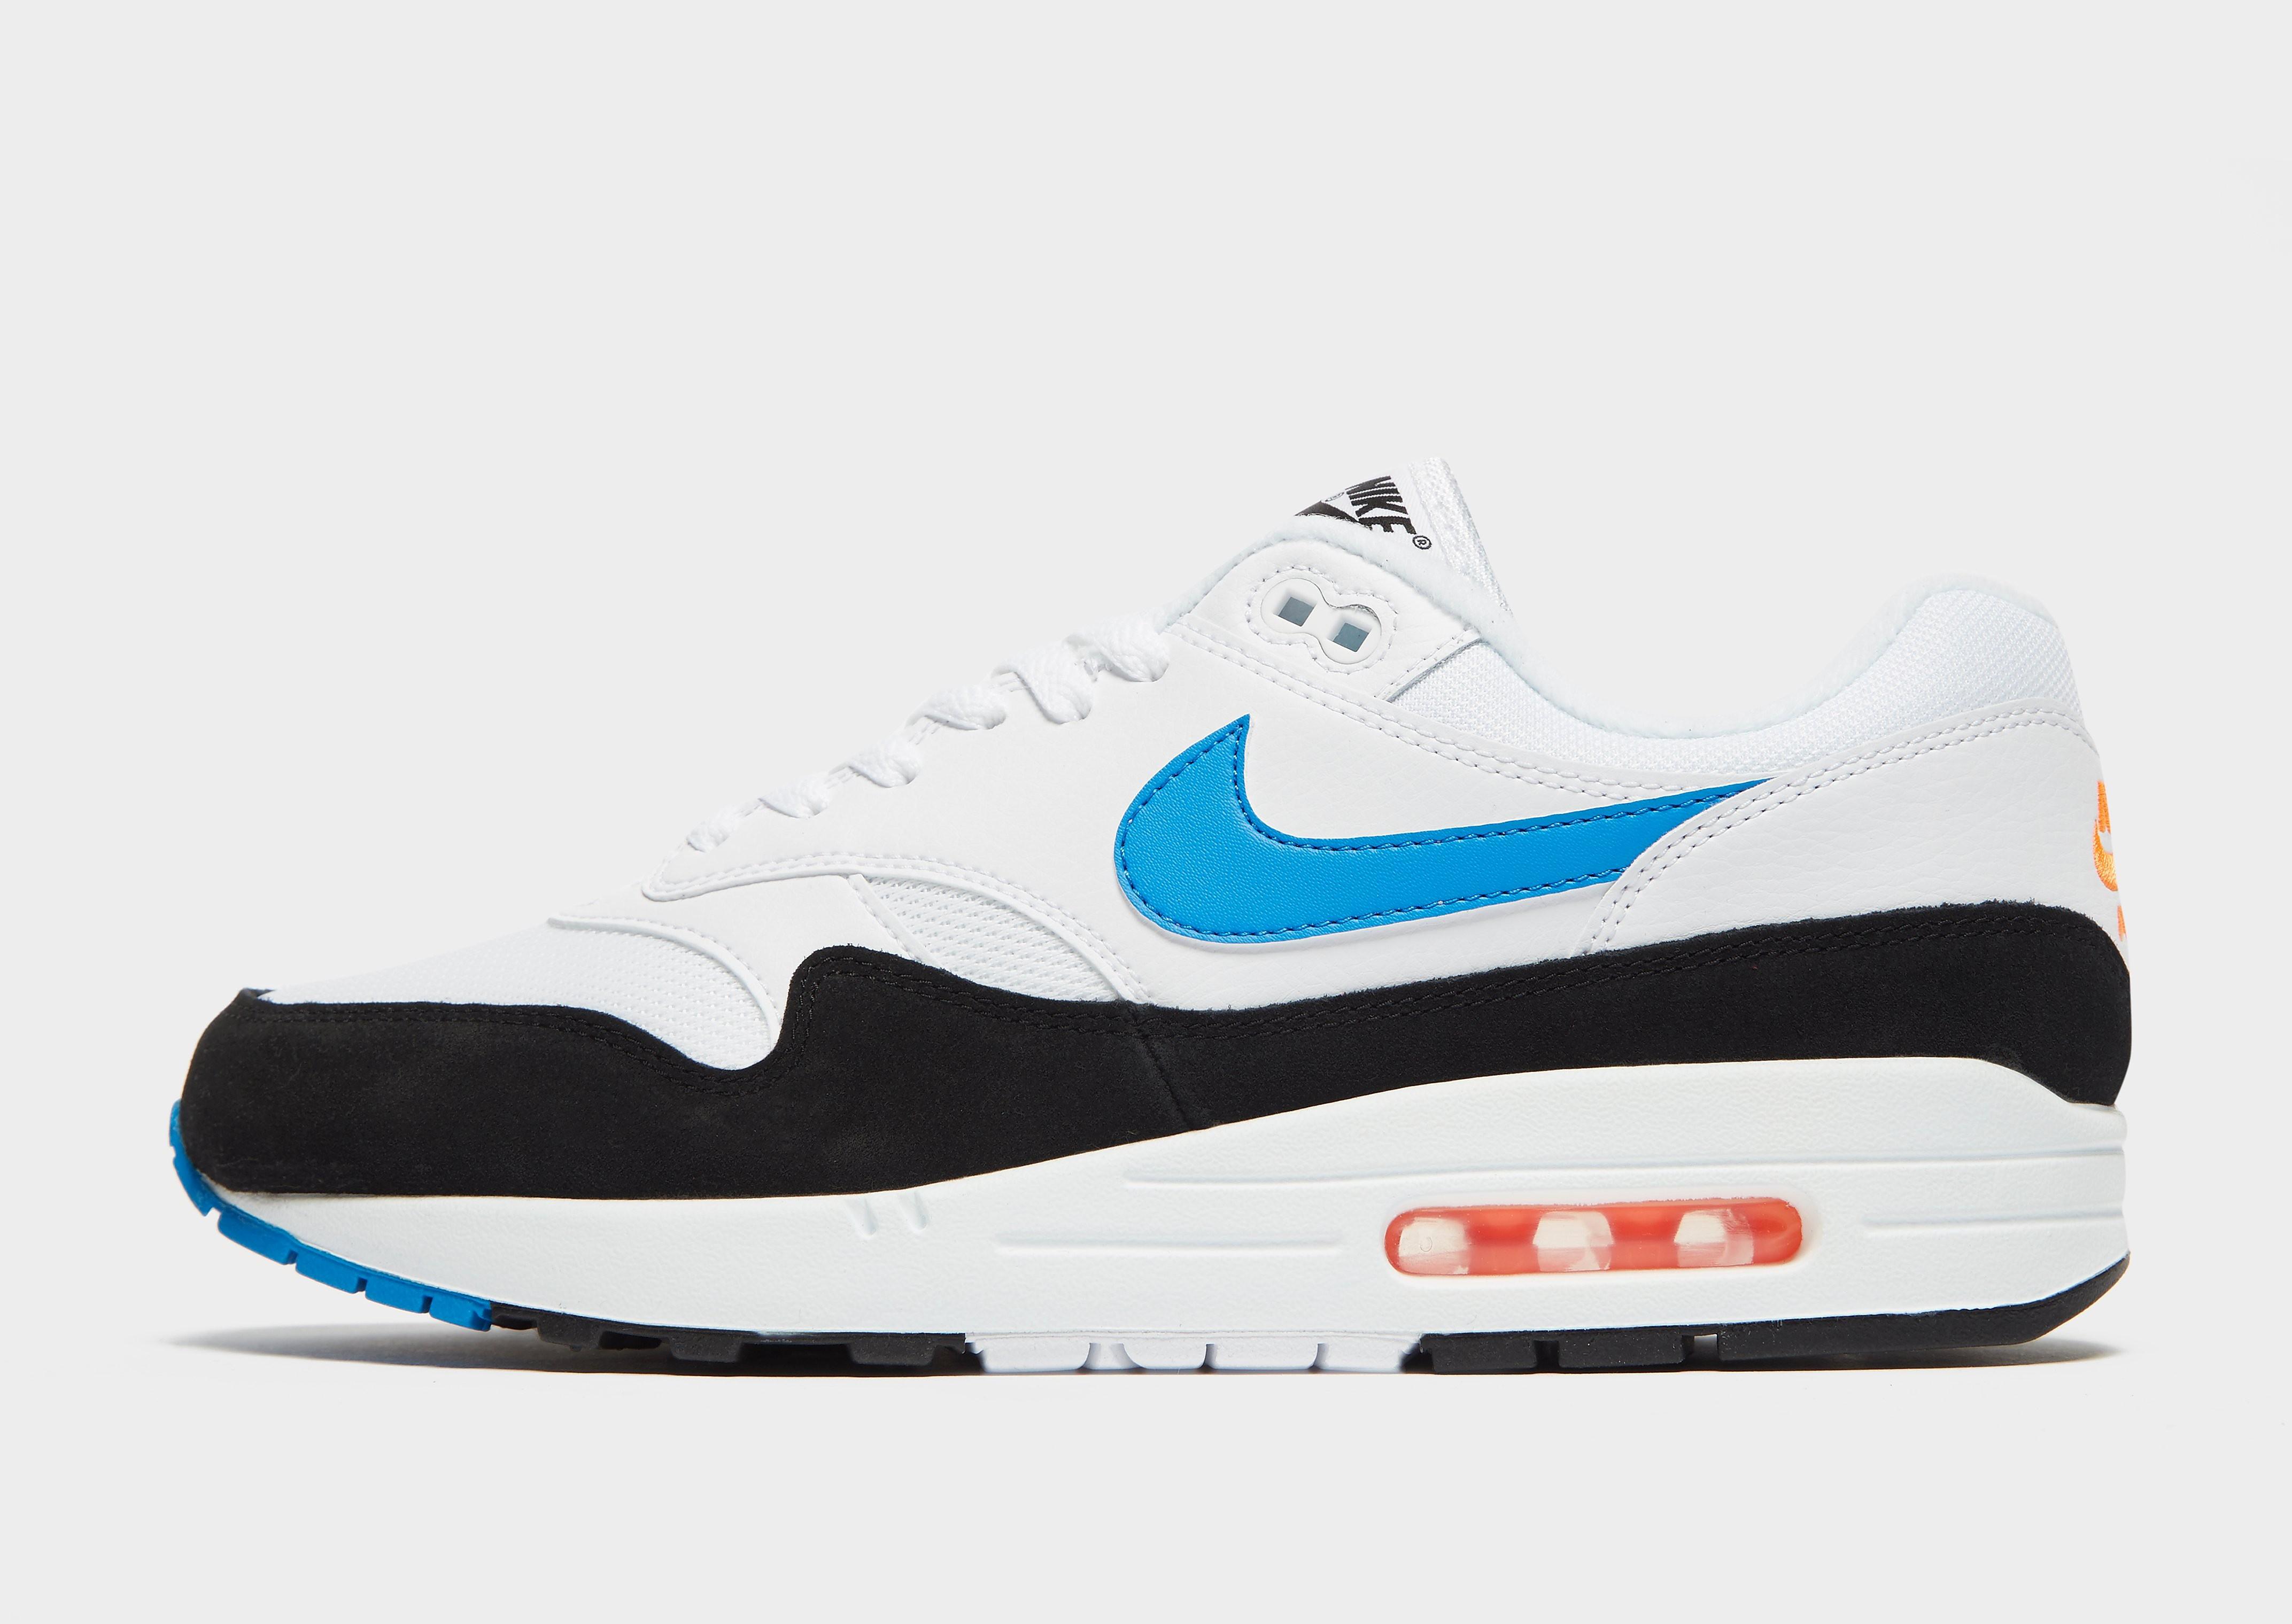 Nike Air Max 1 herensneaker wit, zwart en blauw